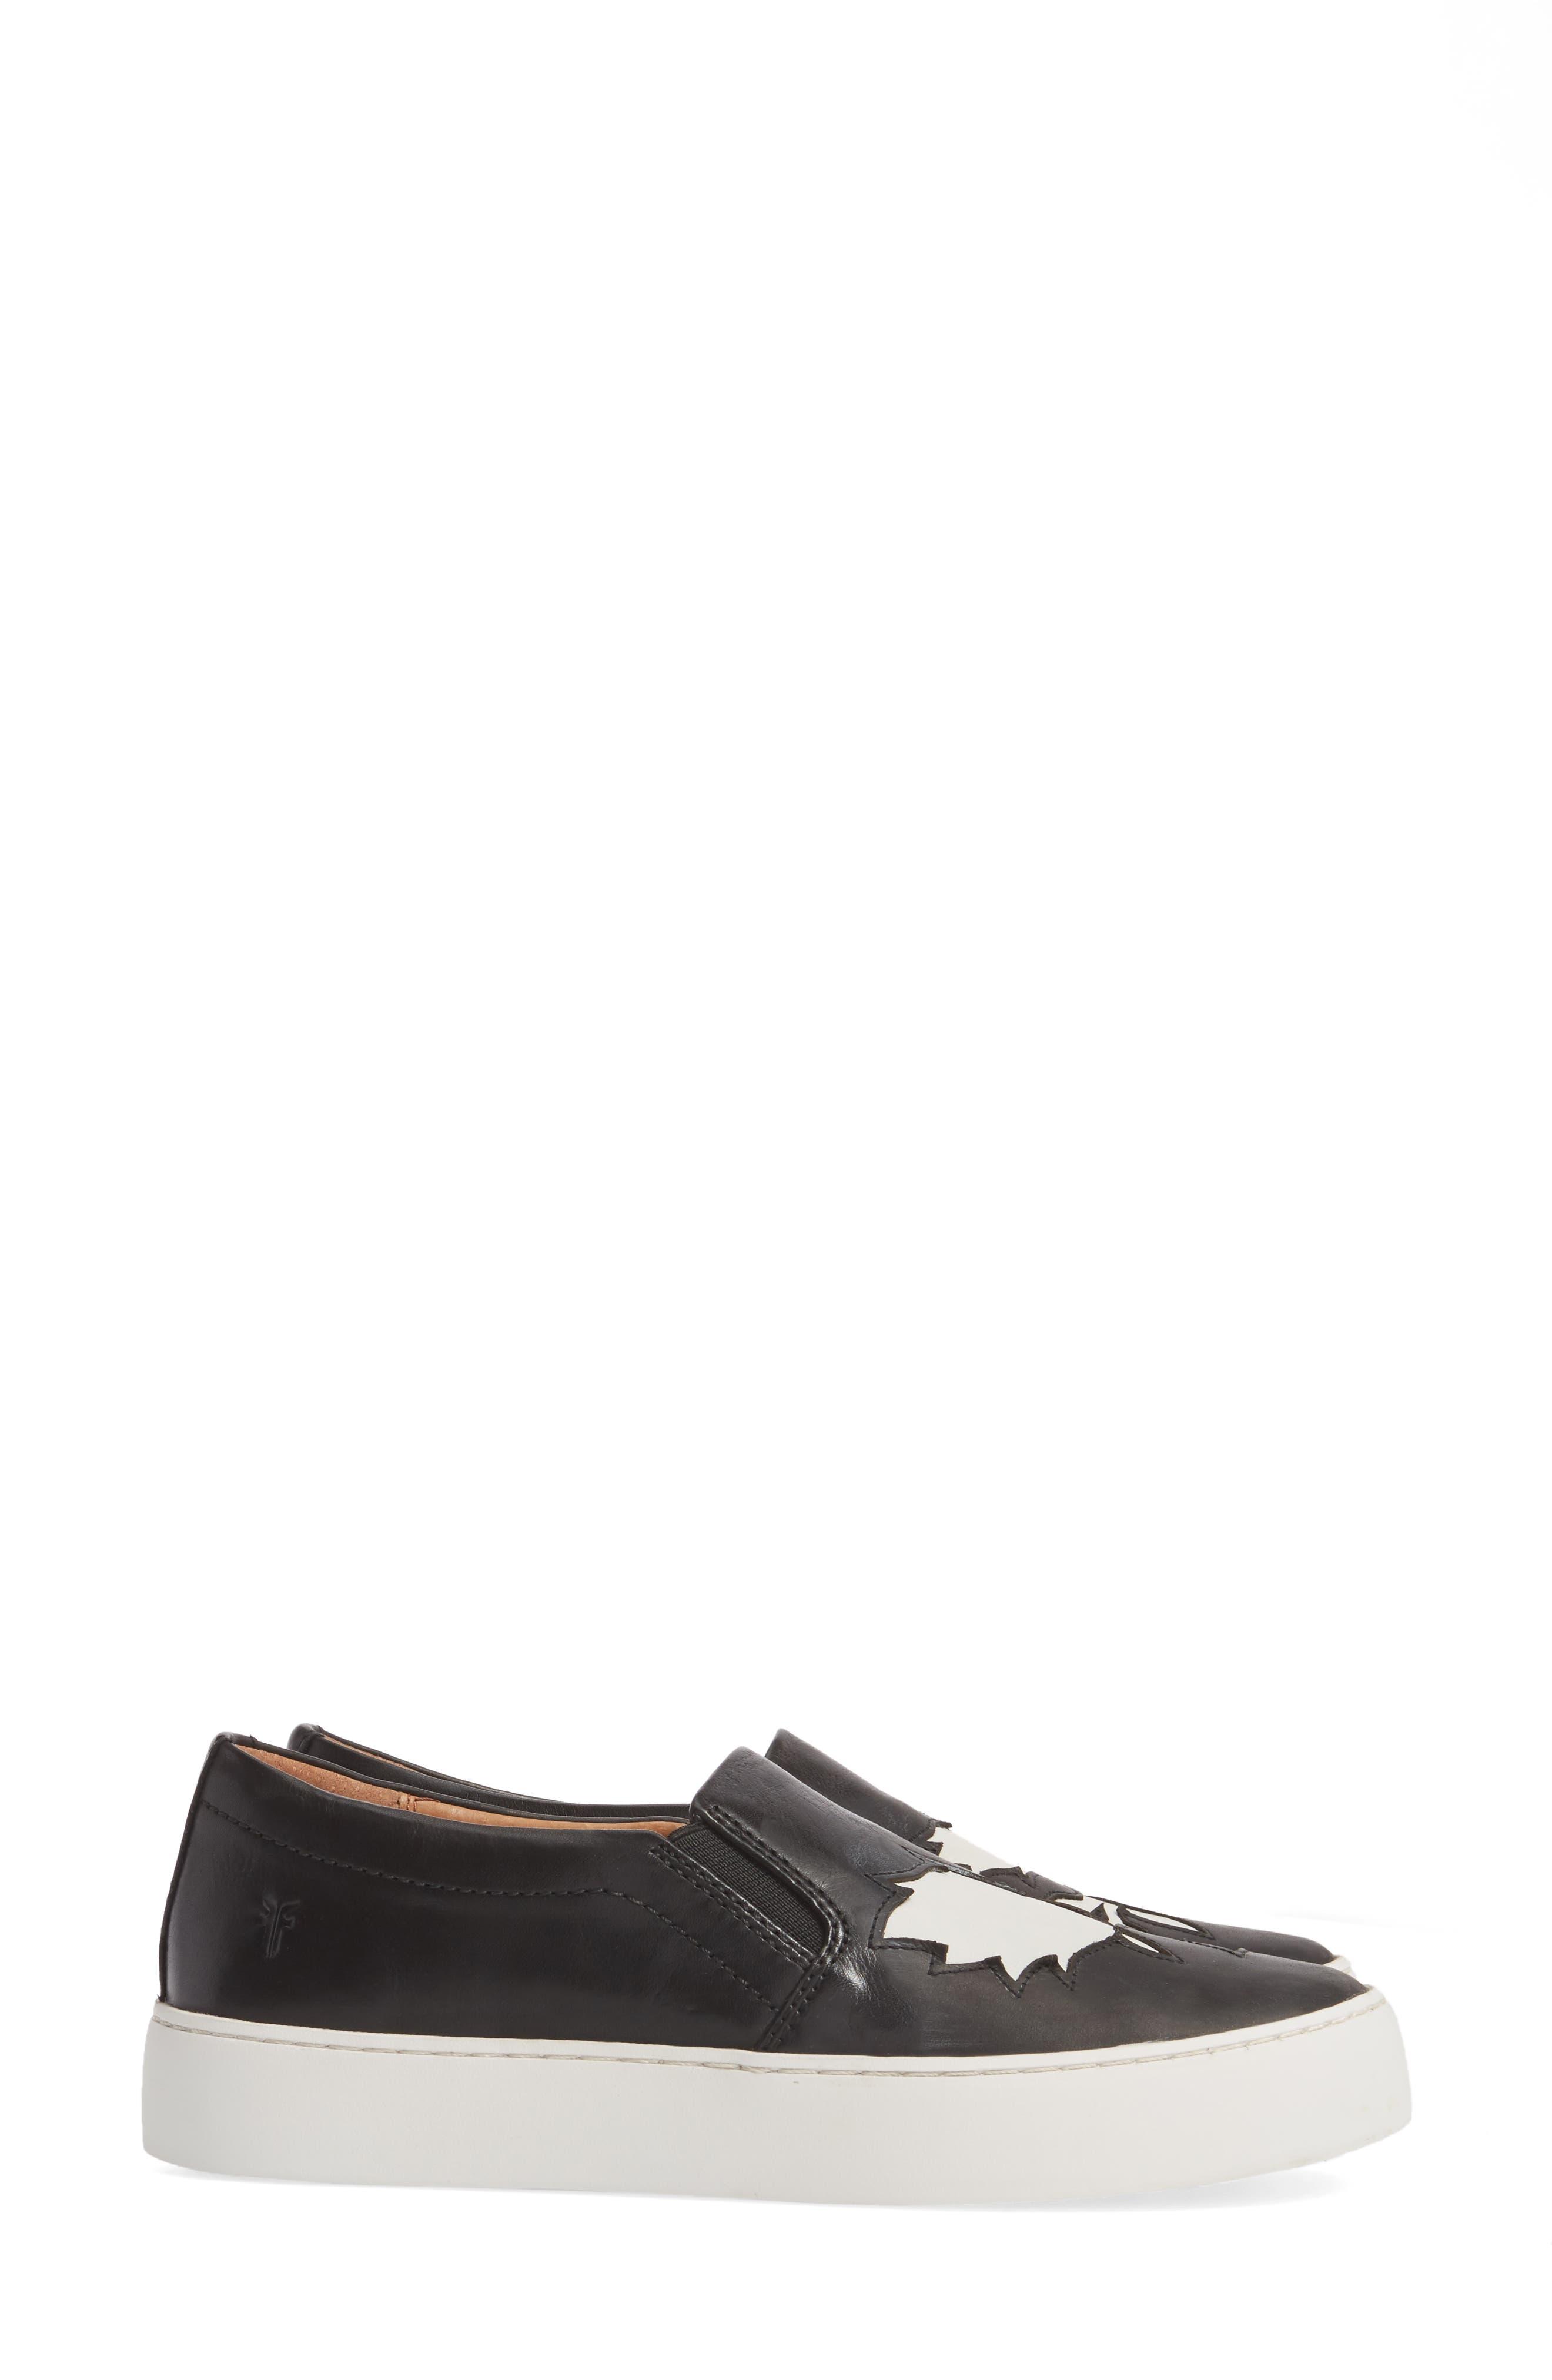 Lena Floral Slip-On Sneaker,                             Alternate thumbnail 7, color,